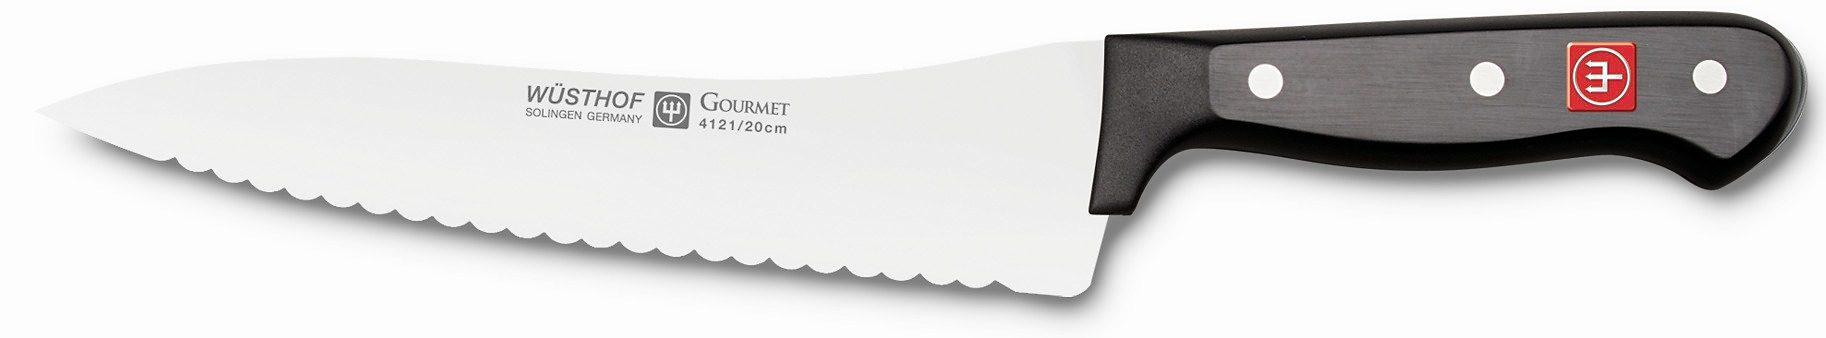 Wüsthof Haushaltmesser »Gourmet«